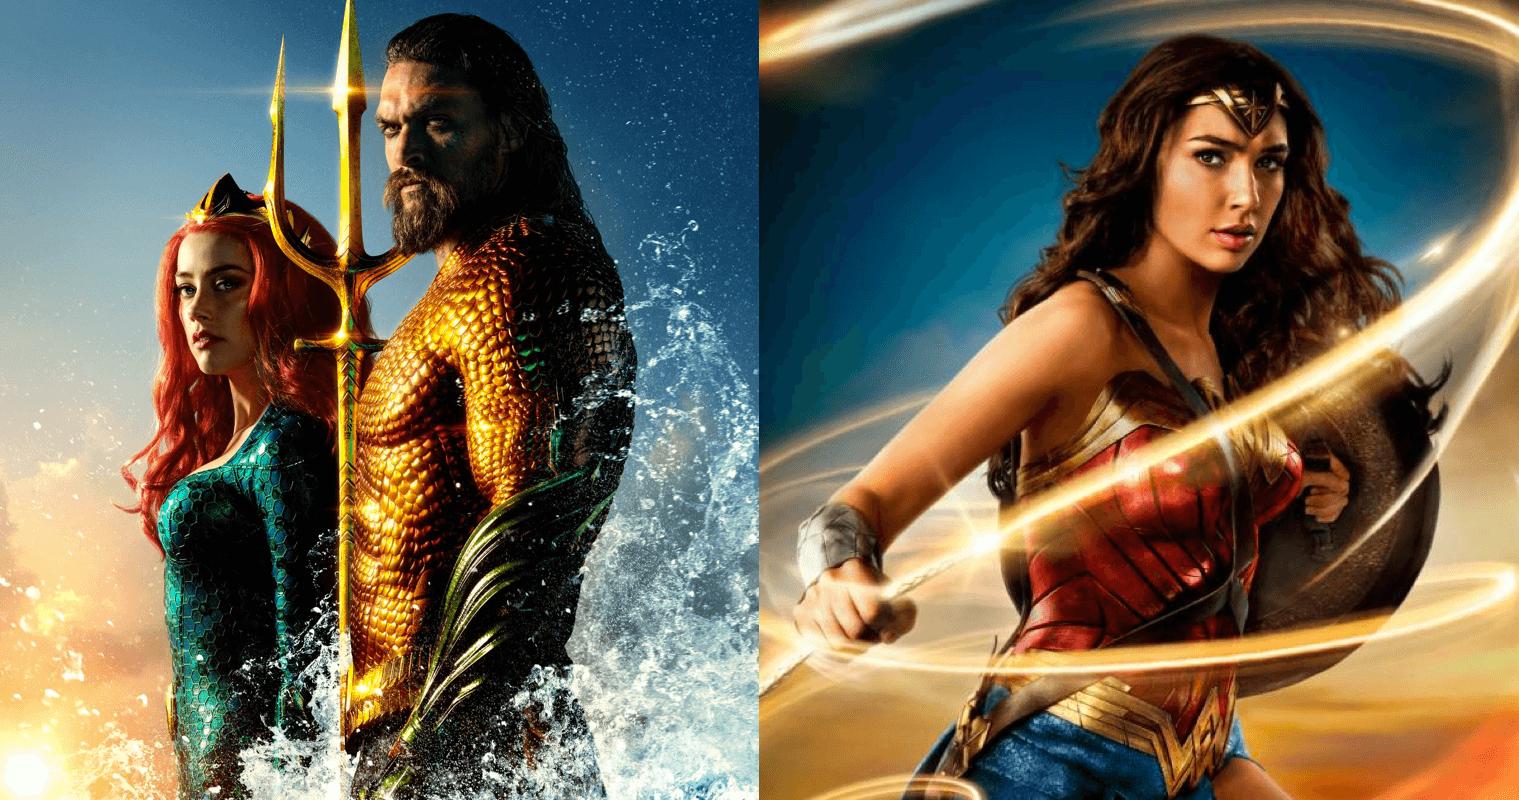 王者之位不遠 《水行俠》超越《神力女超人》全球票房紀錄   DCEU坐二望一首圖